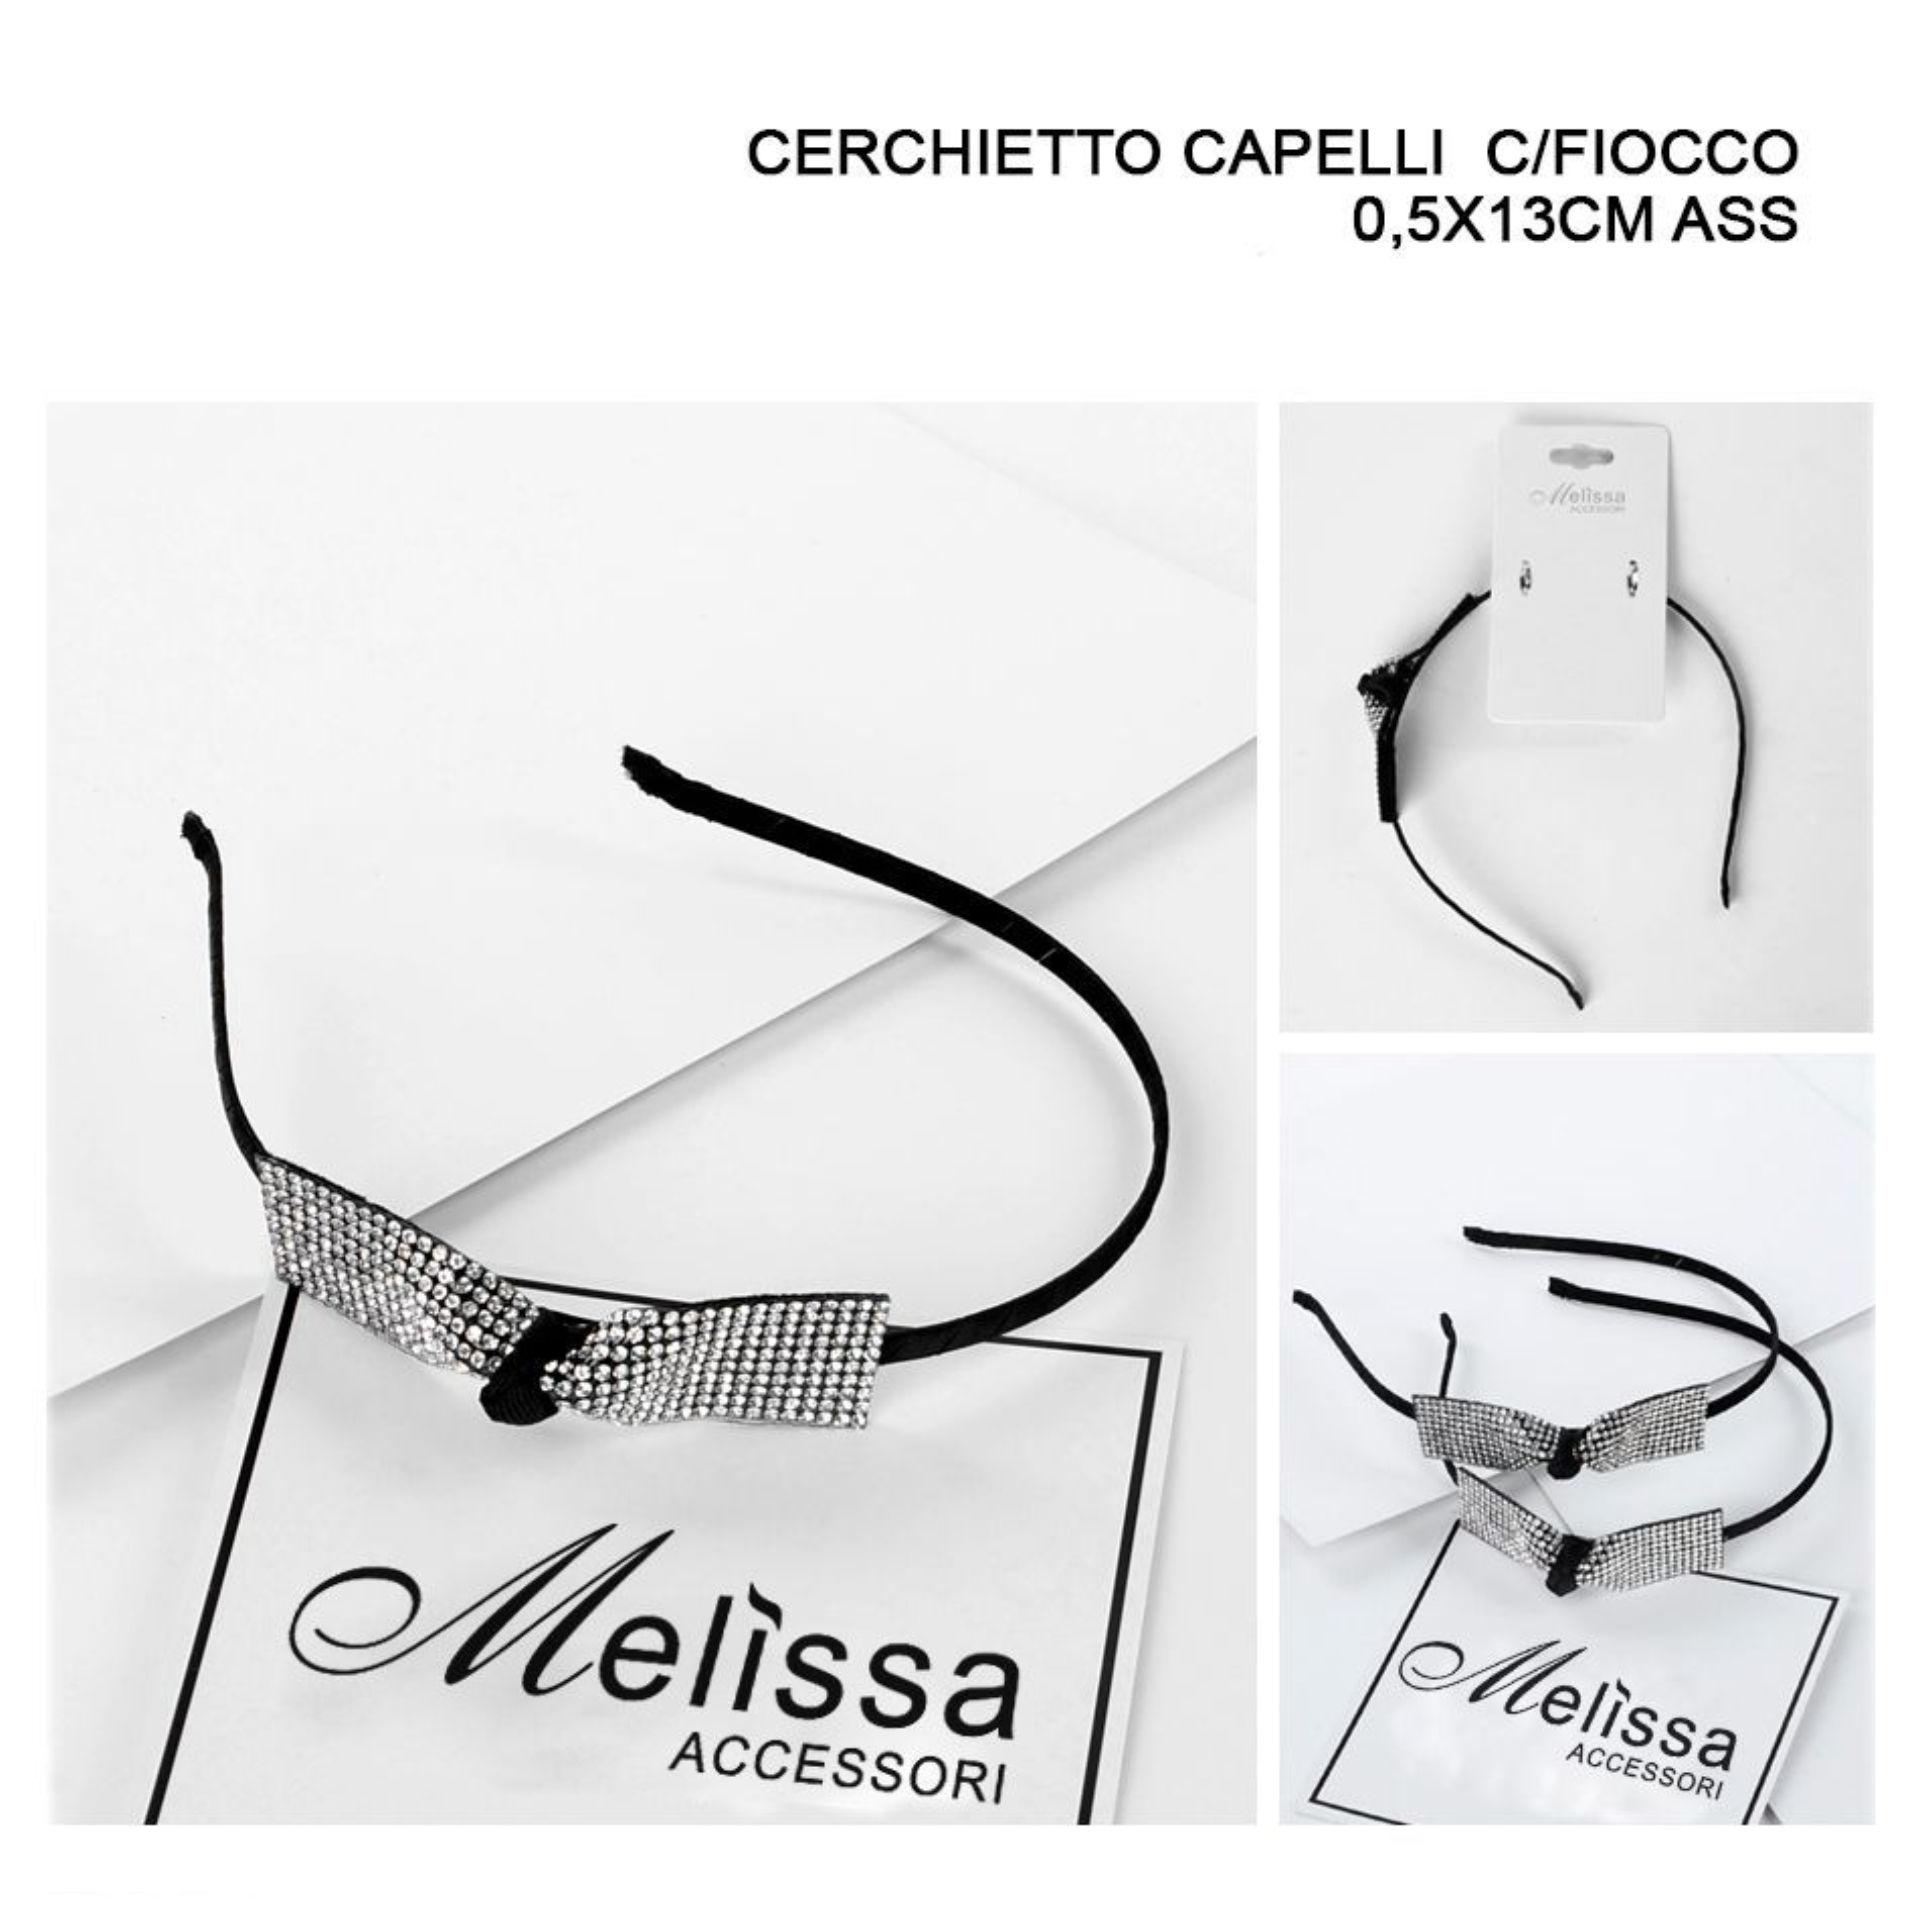 CERCHIETTO CAPELLI  C/FIOCCO 0,5X13CM ASSMelissa